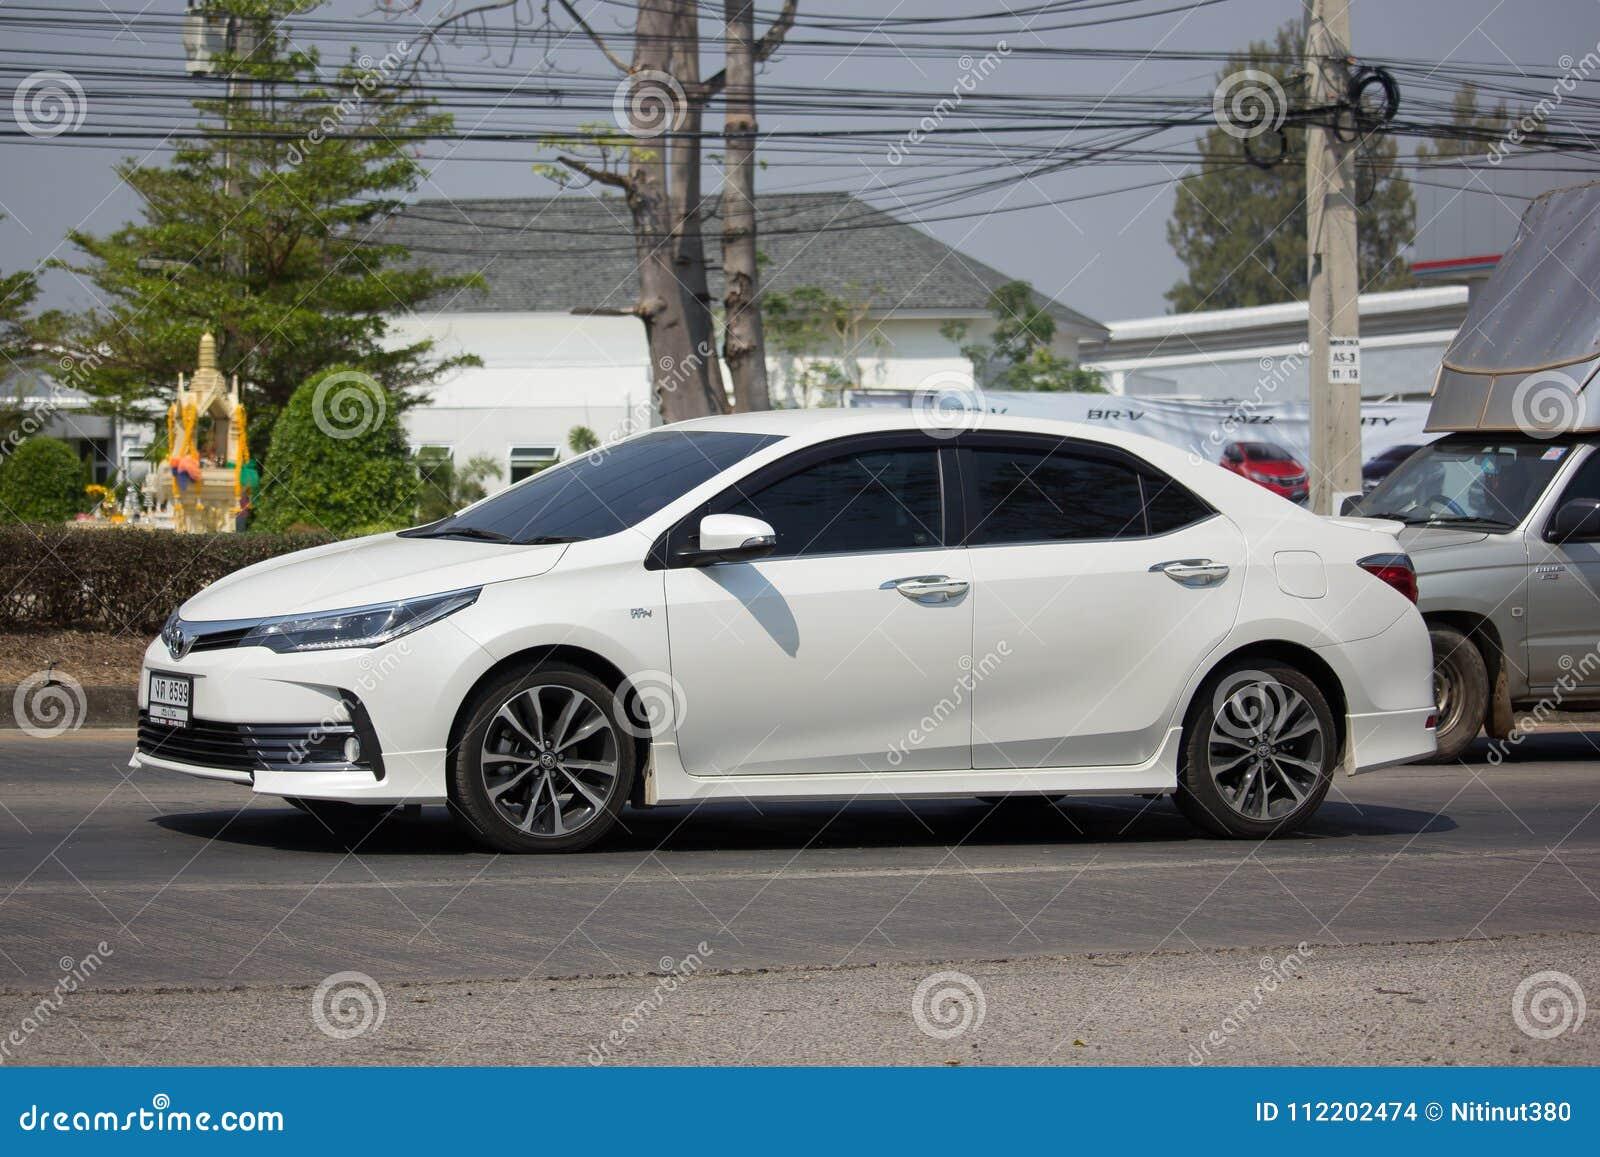 Kelebihan Kekurangan Corolla Altis 2018 Murah Berkualitas